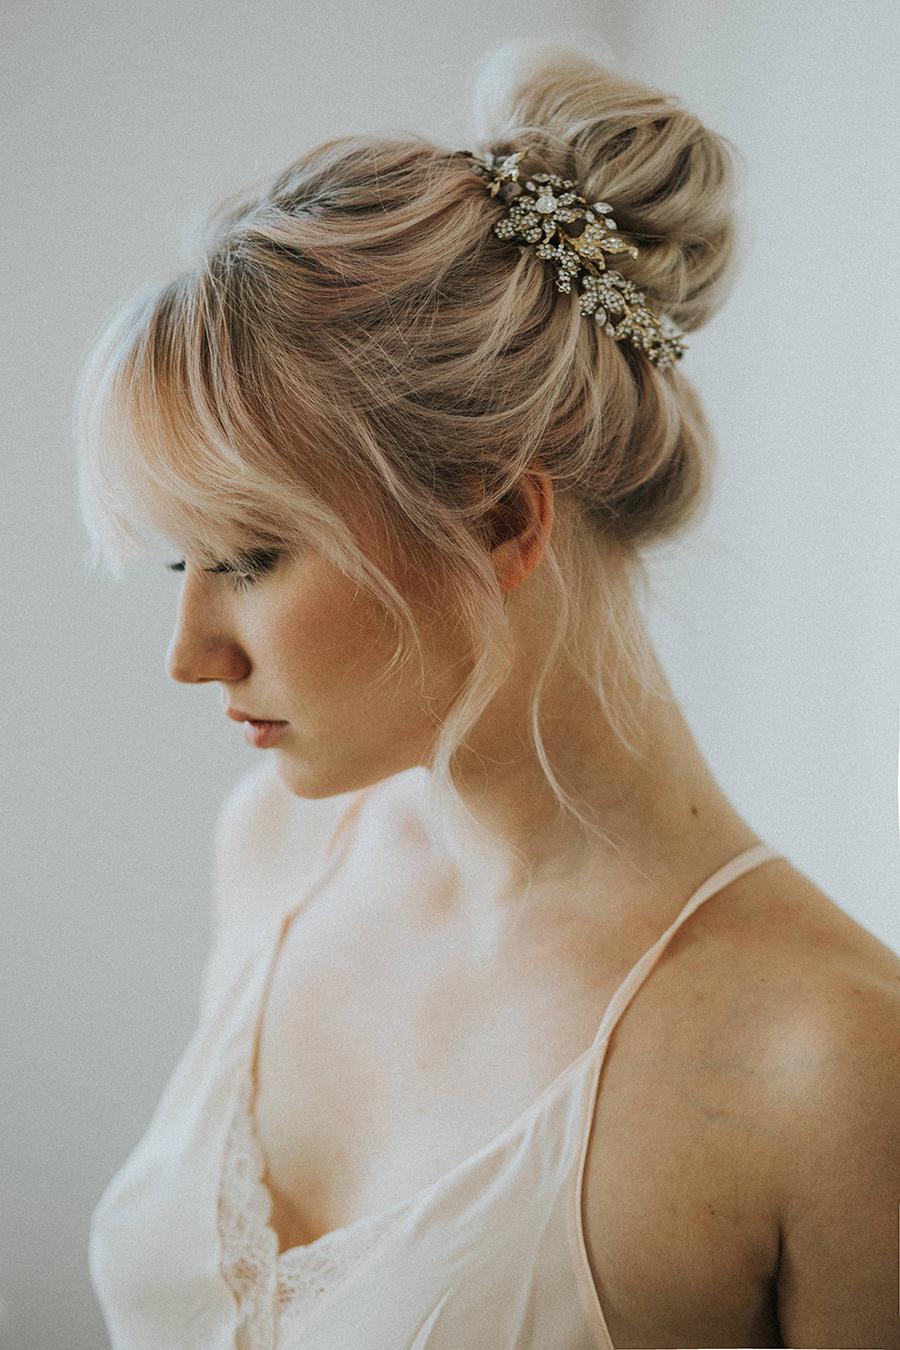 Brautfrisuren romantische hochsteckfrisur  Brautfrisuren Trends 2017 | Friedatheres.com